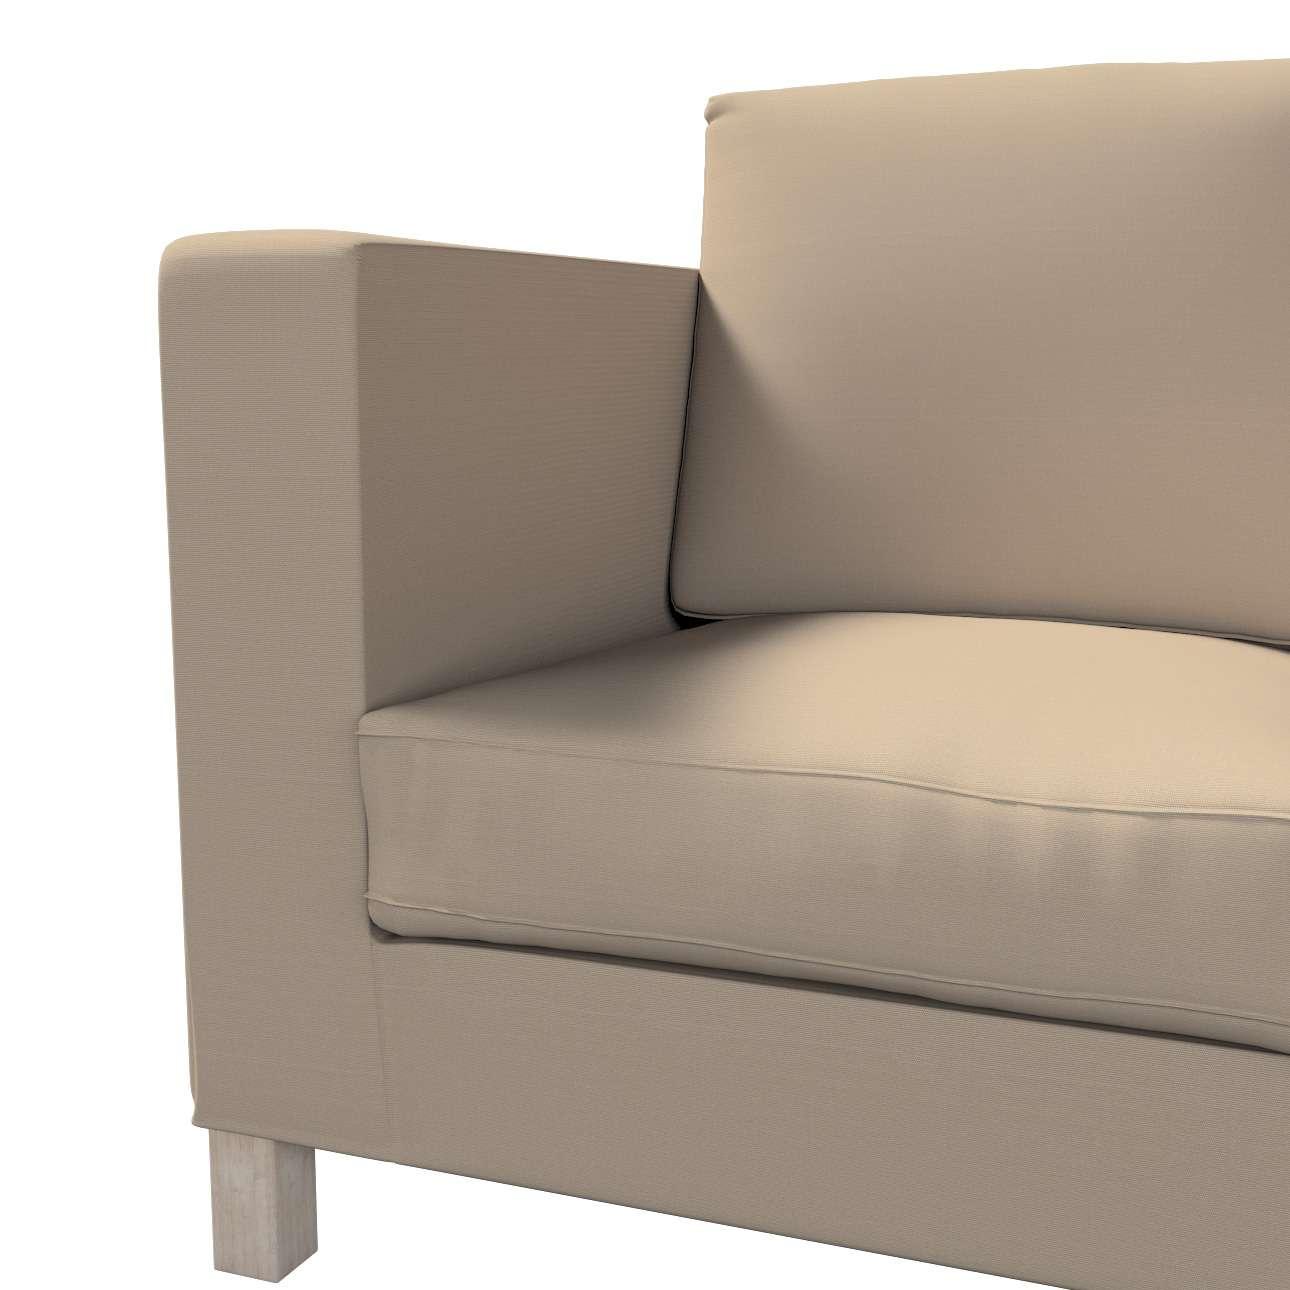 Pokrowiec na sofę Karlanda 3-osobową nierozkładaną, krótki w kolekcji Cotton Panama, tkanina: 702-28